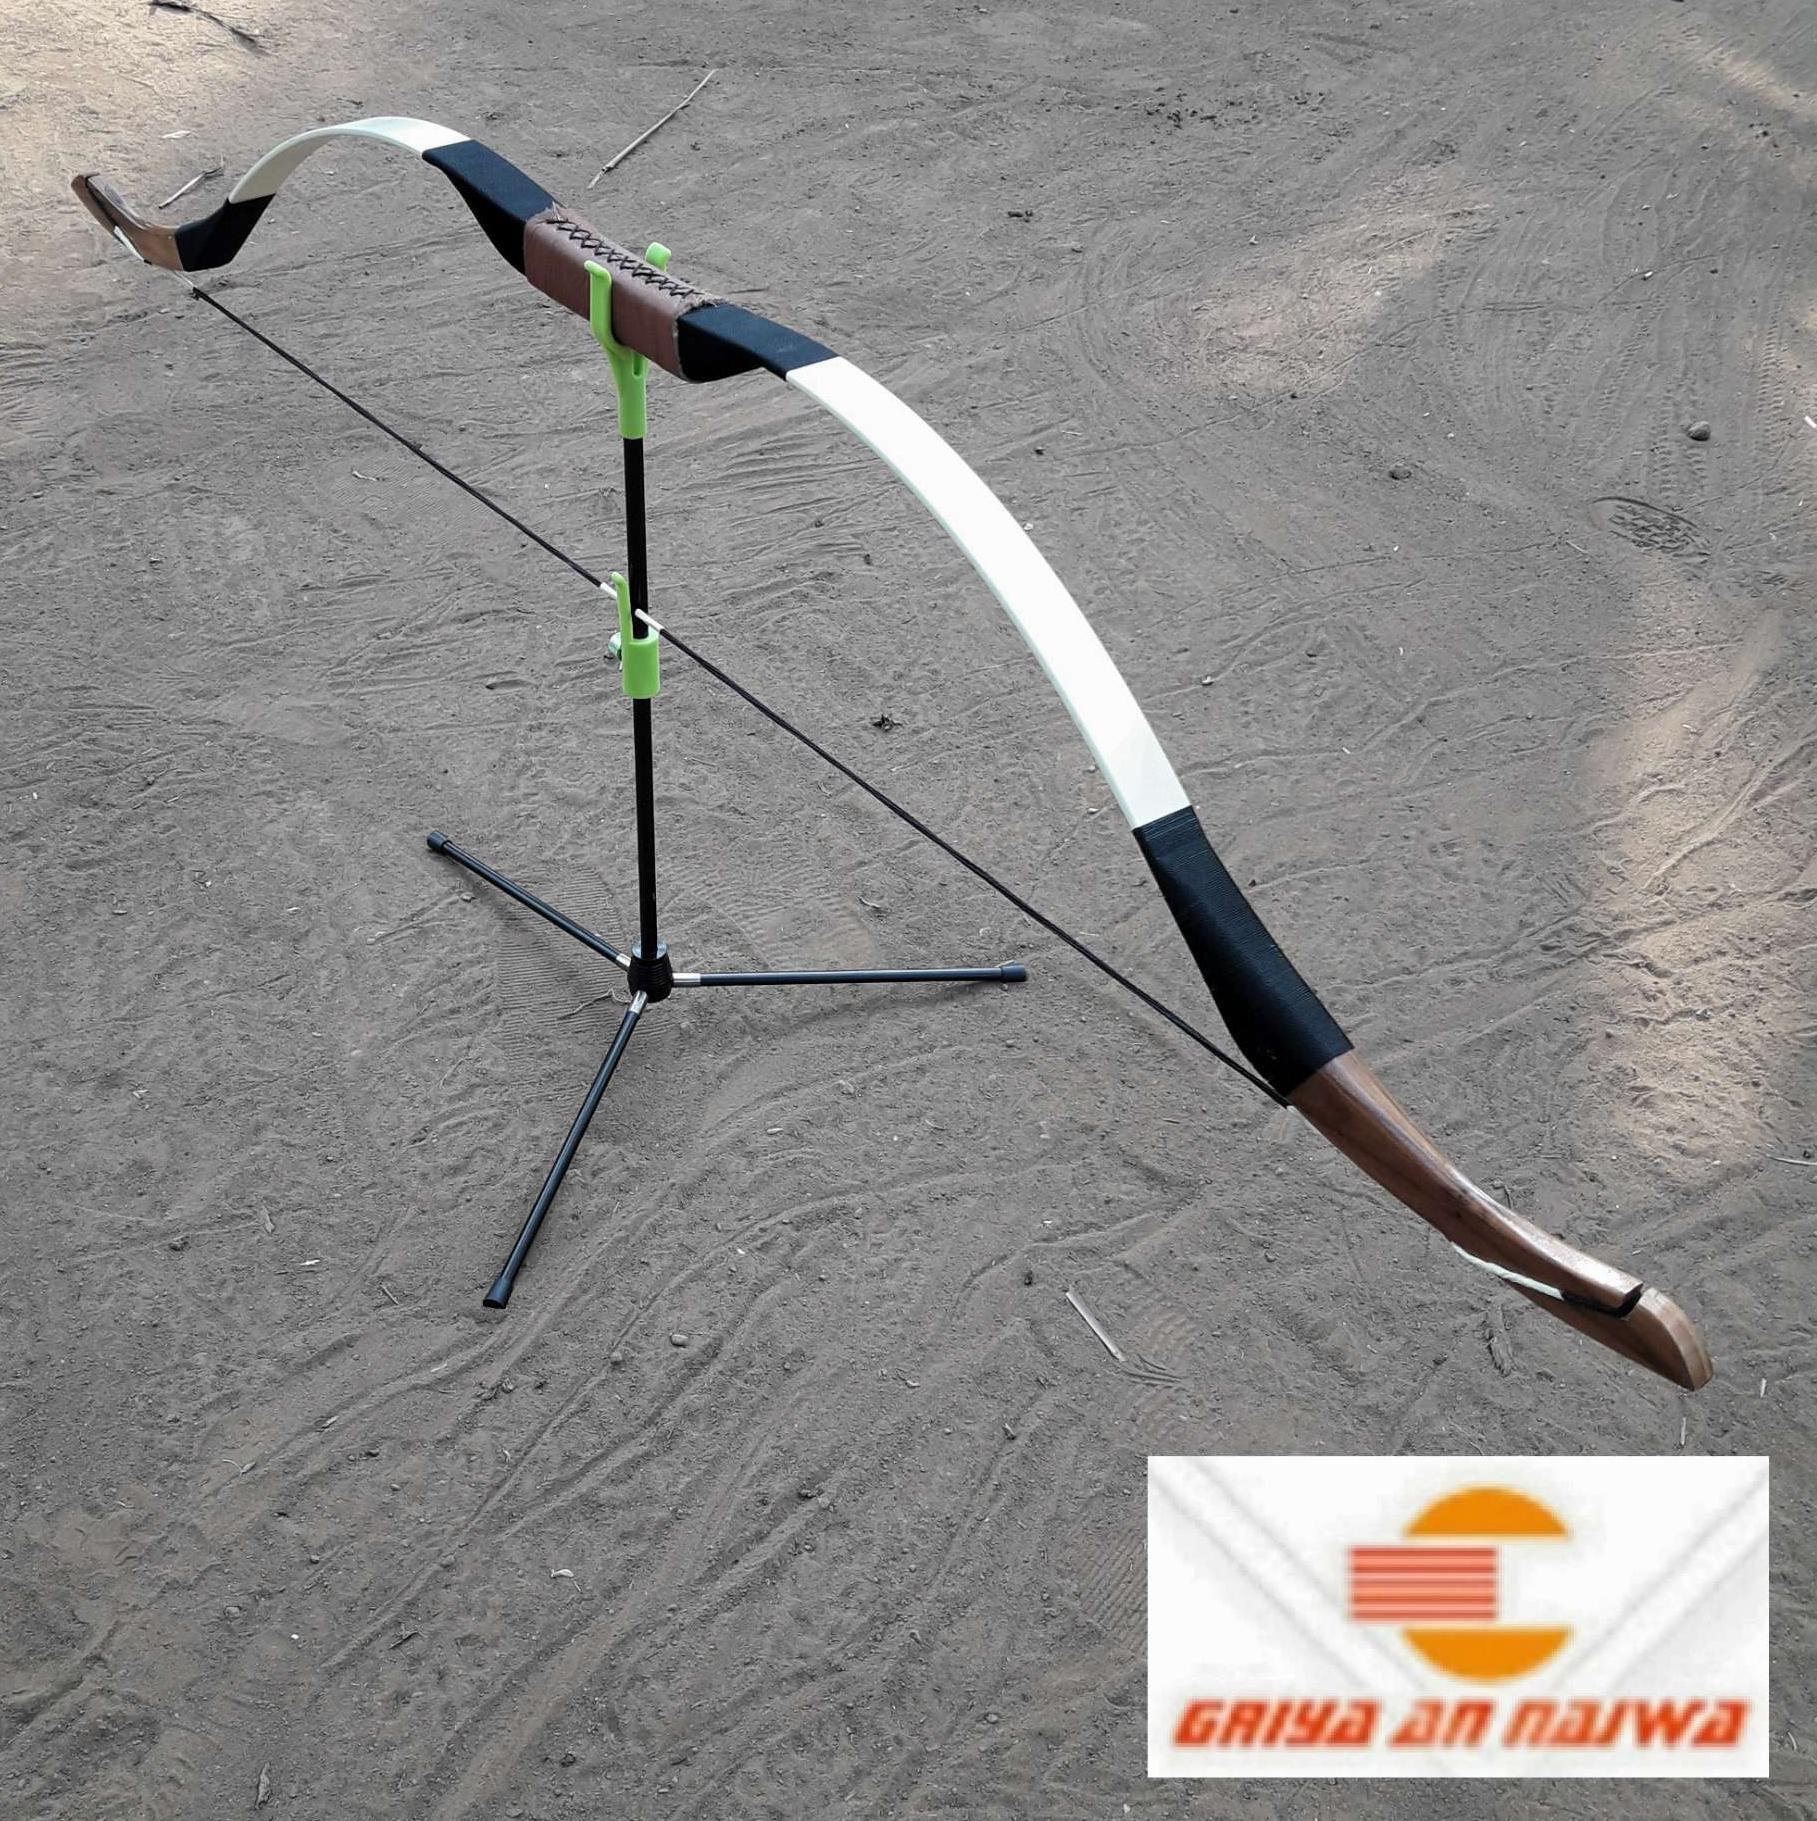 Jual Perlengkapan Panahan Bow Stand Elong Tripod Dudukan Busur Panah Horsebow New Garansi